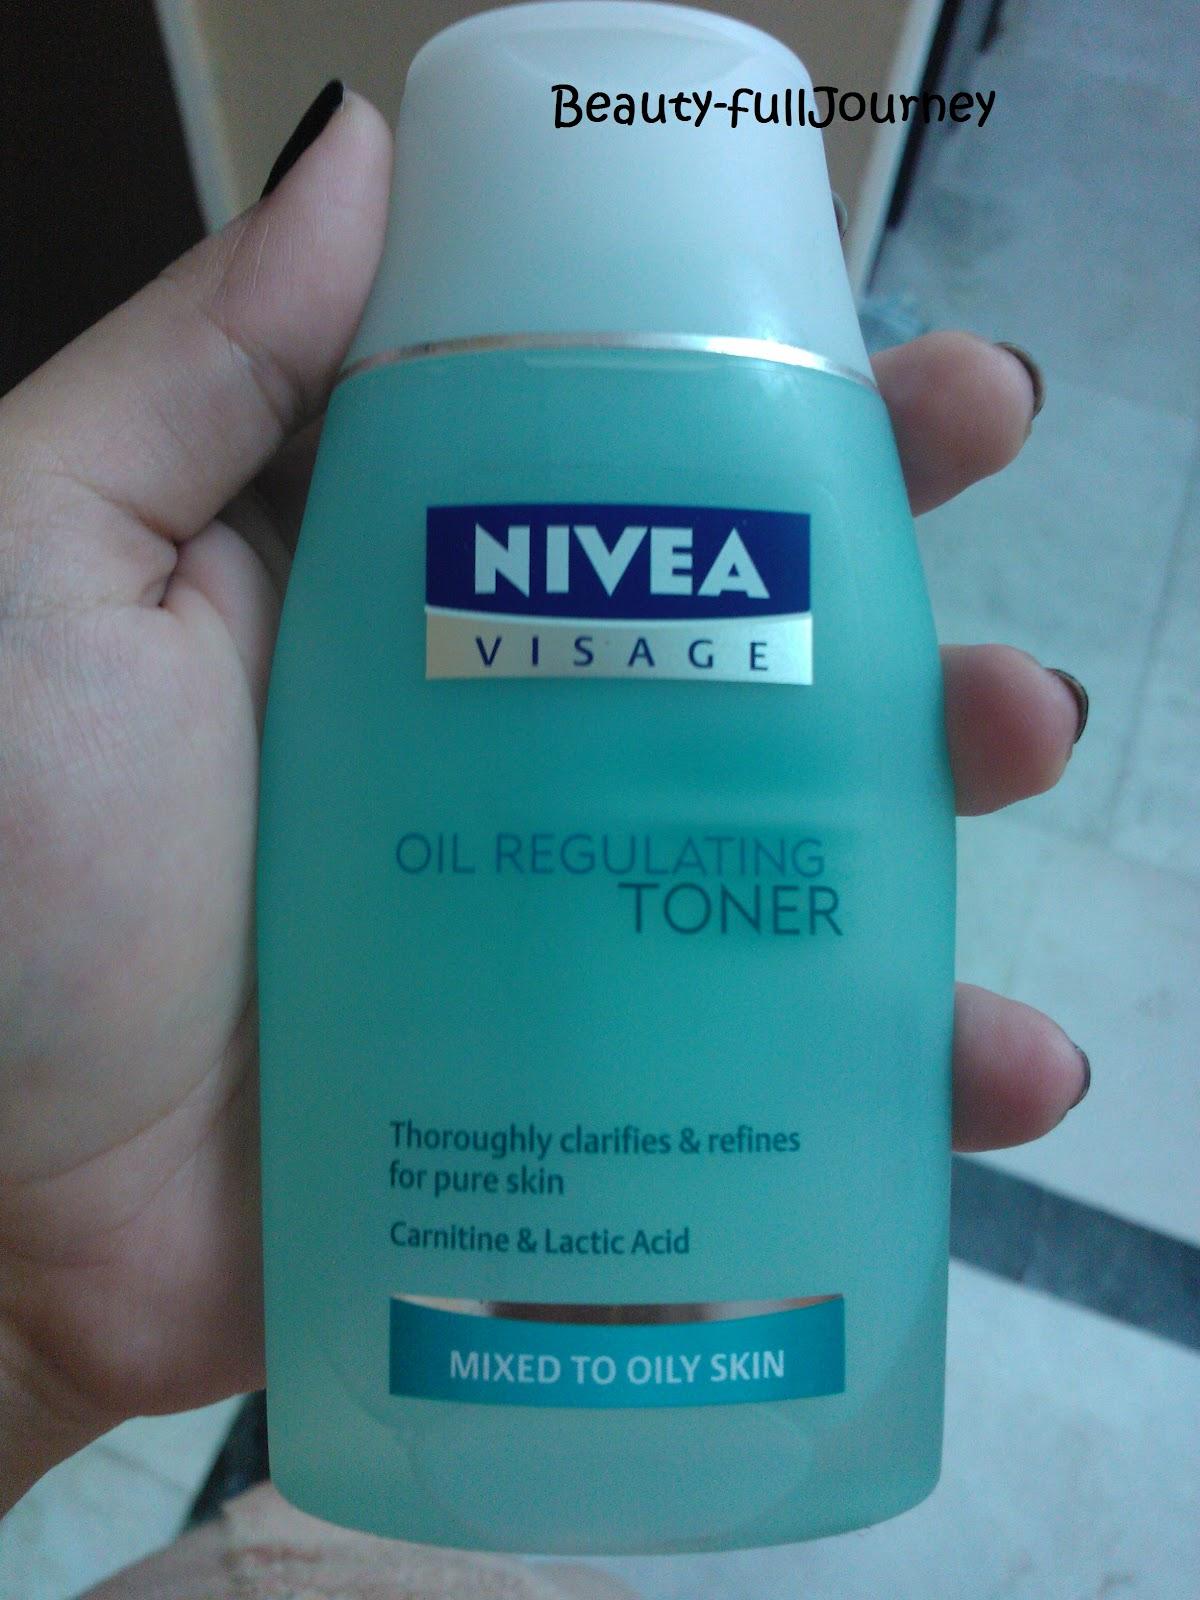 Nivea Visage Oil Regulating Toner Review